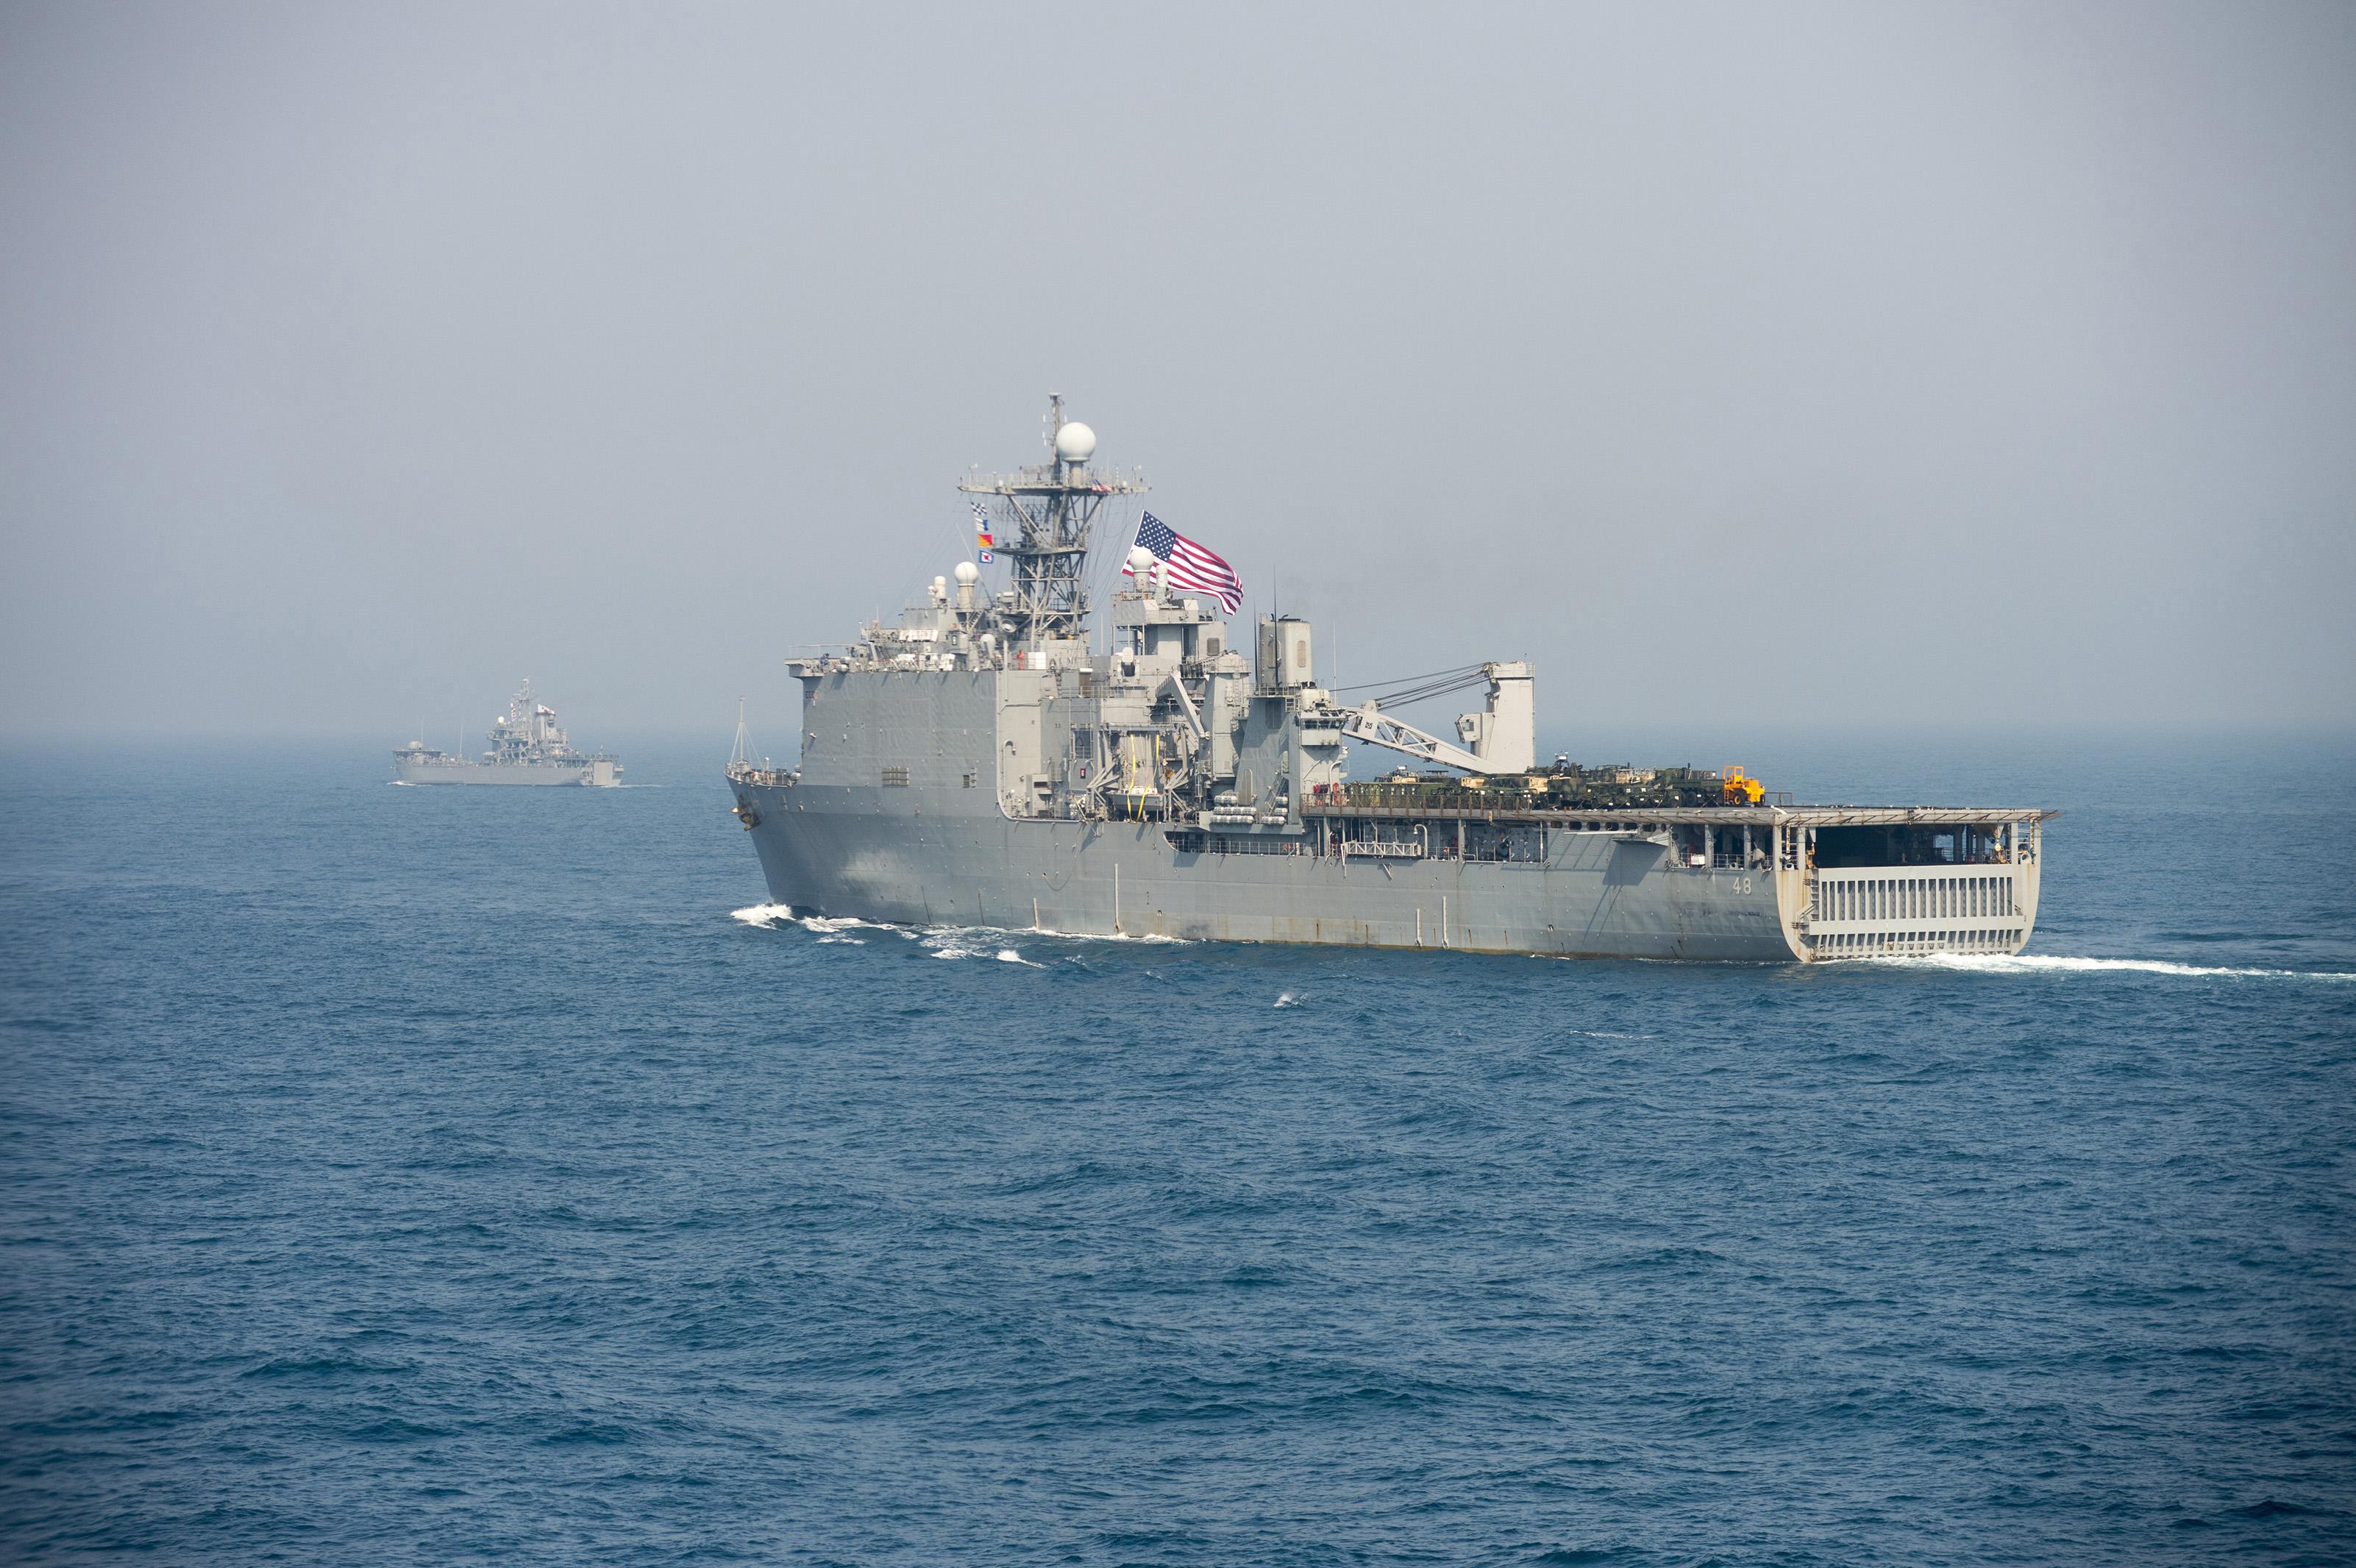 USS ASHLAND LSD-48 im Ostchinesischen Meer am 27.03.2014 Bild: U.S. Navy